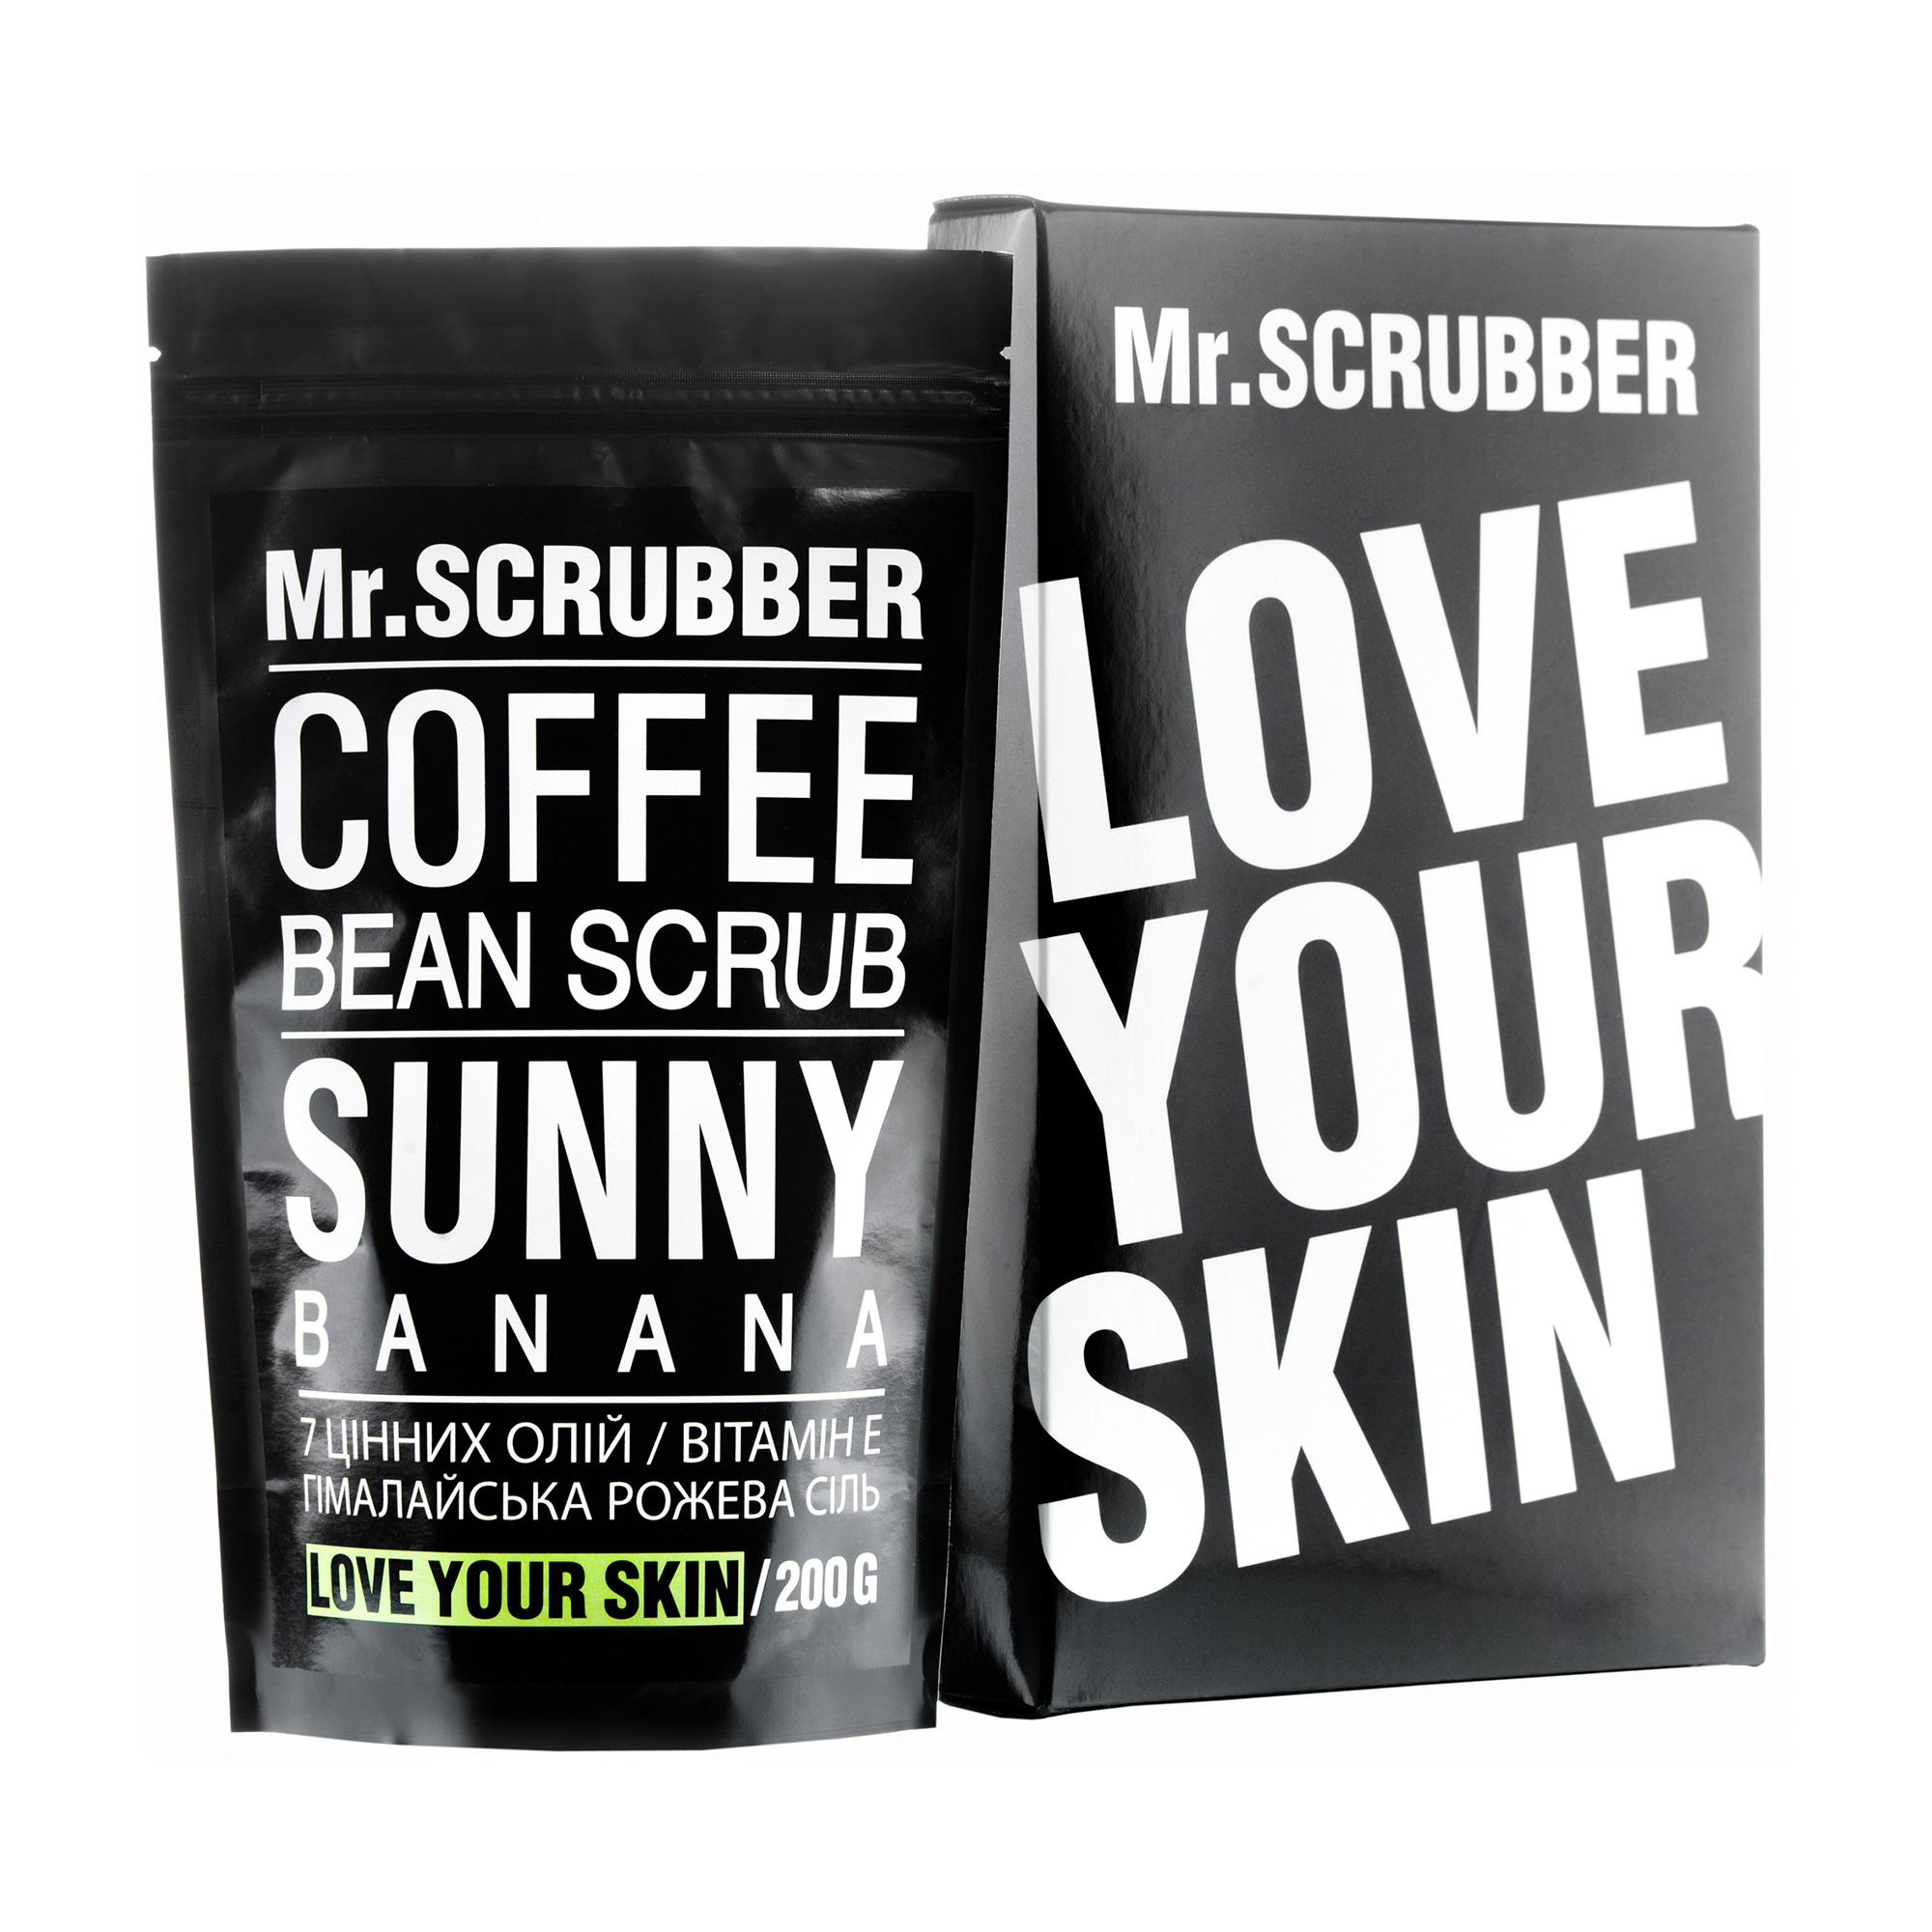 Кофейный скраб для тела и лица Mr.Scrubber Sunny Banana для всех типов кожи, 200 г